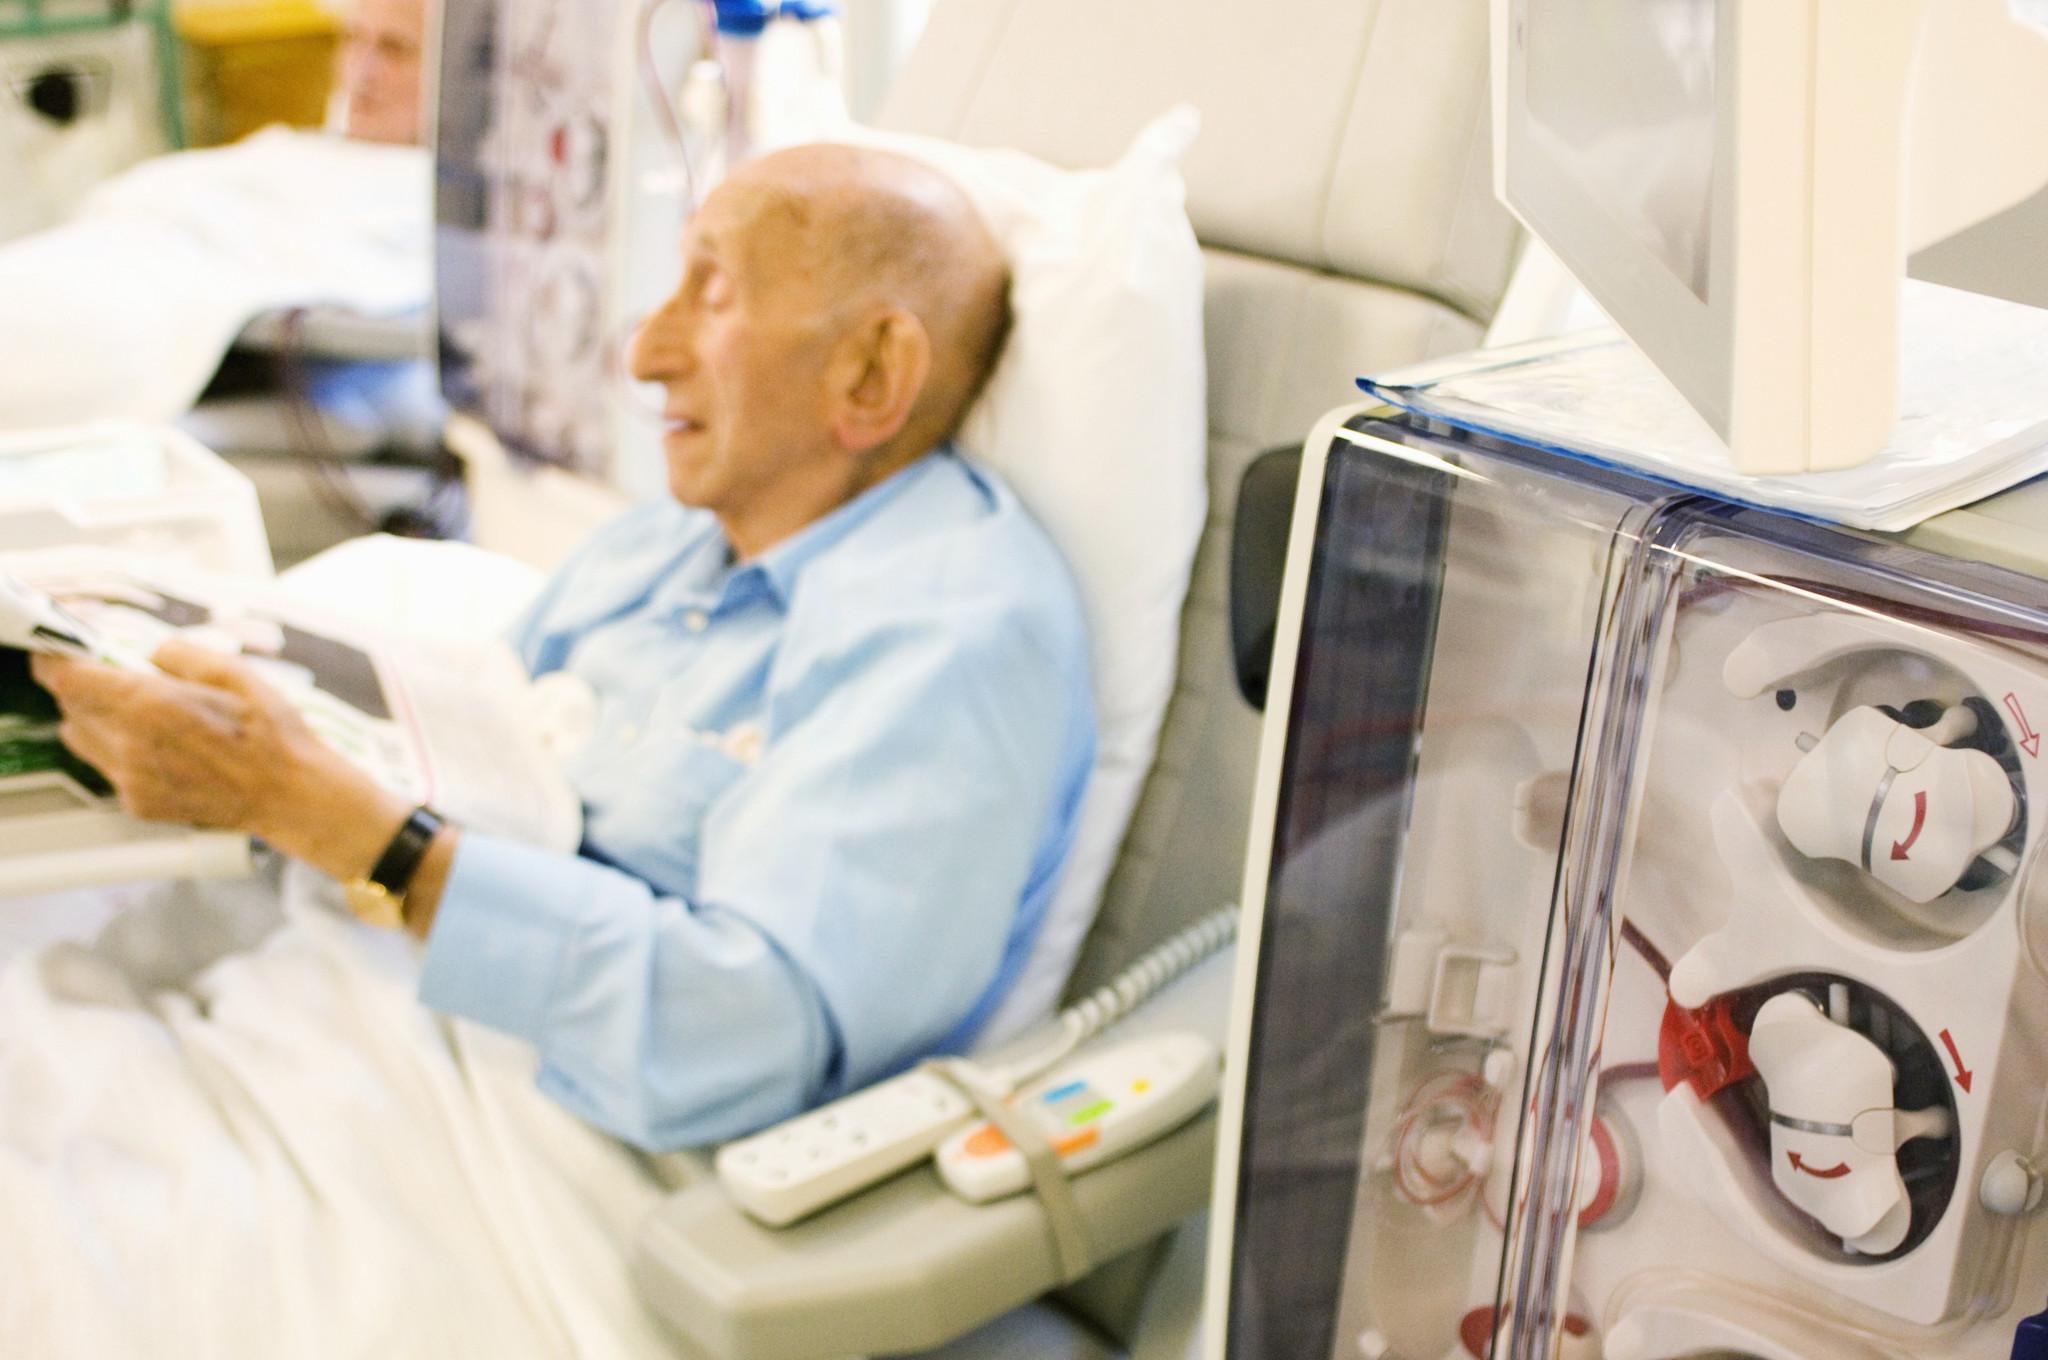 Doente a ler na hemodiálise